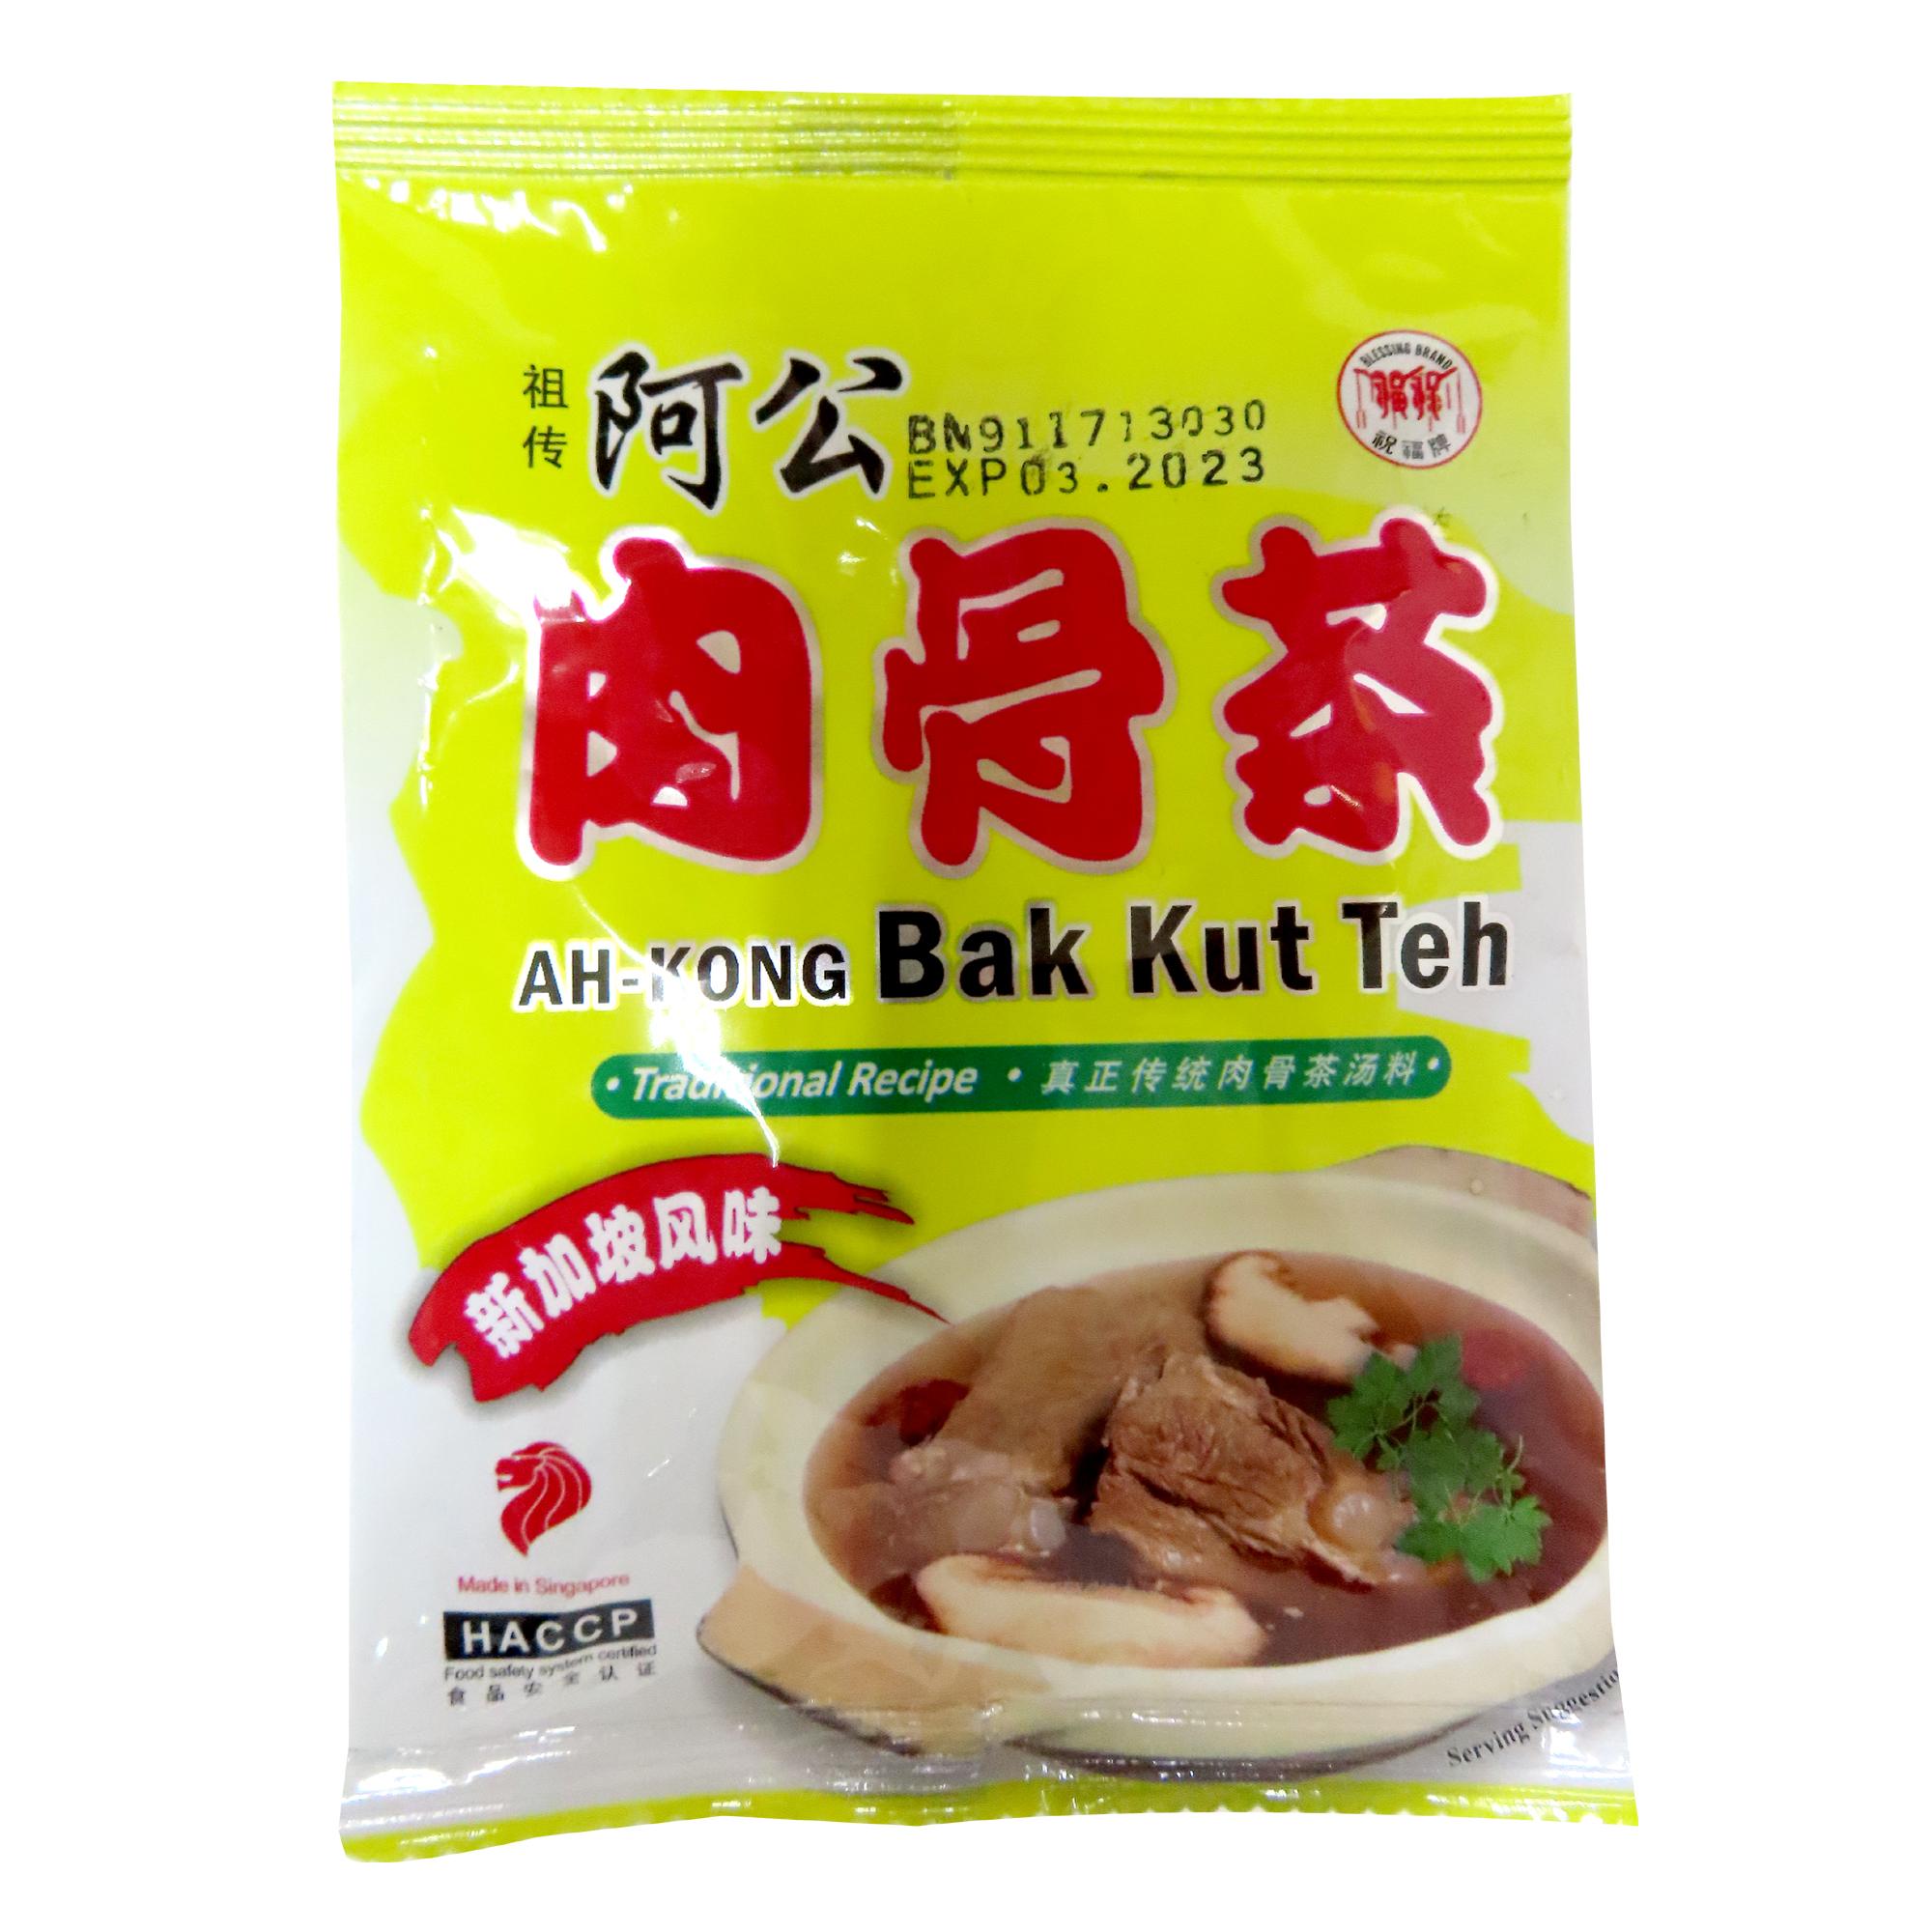 Image herbs Ah-gong Bah Kut Tea 祖传阿公肉骨茶